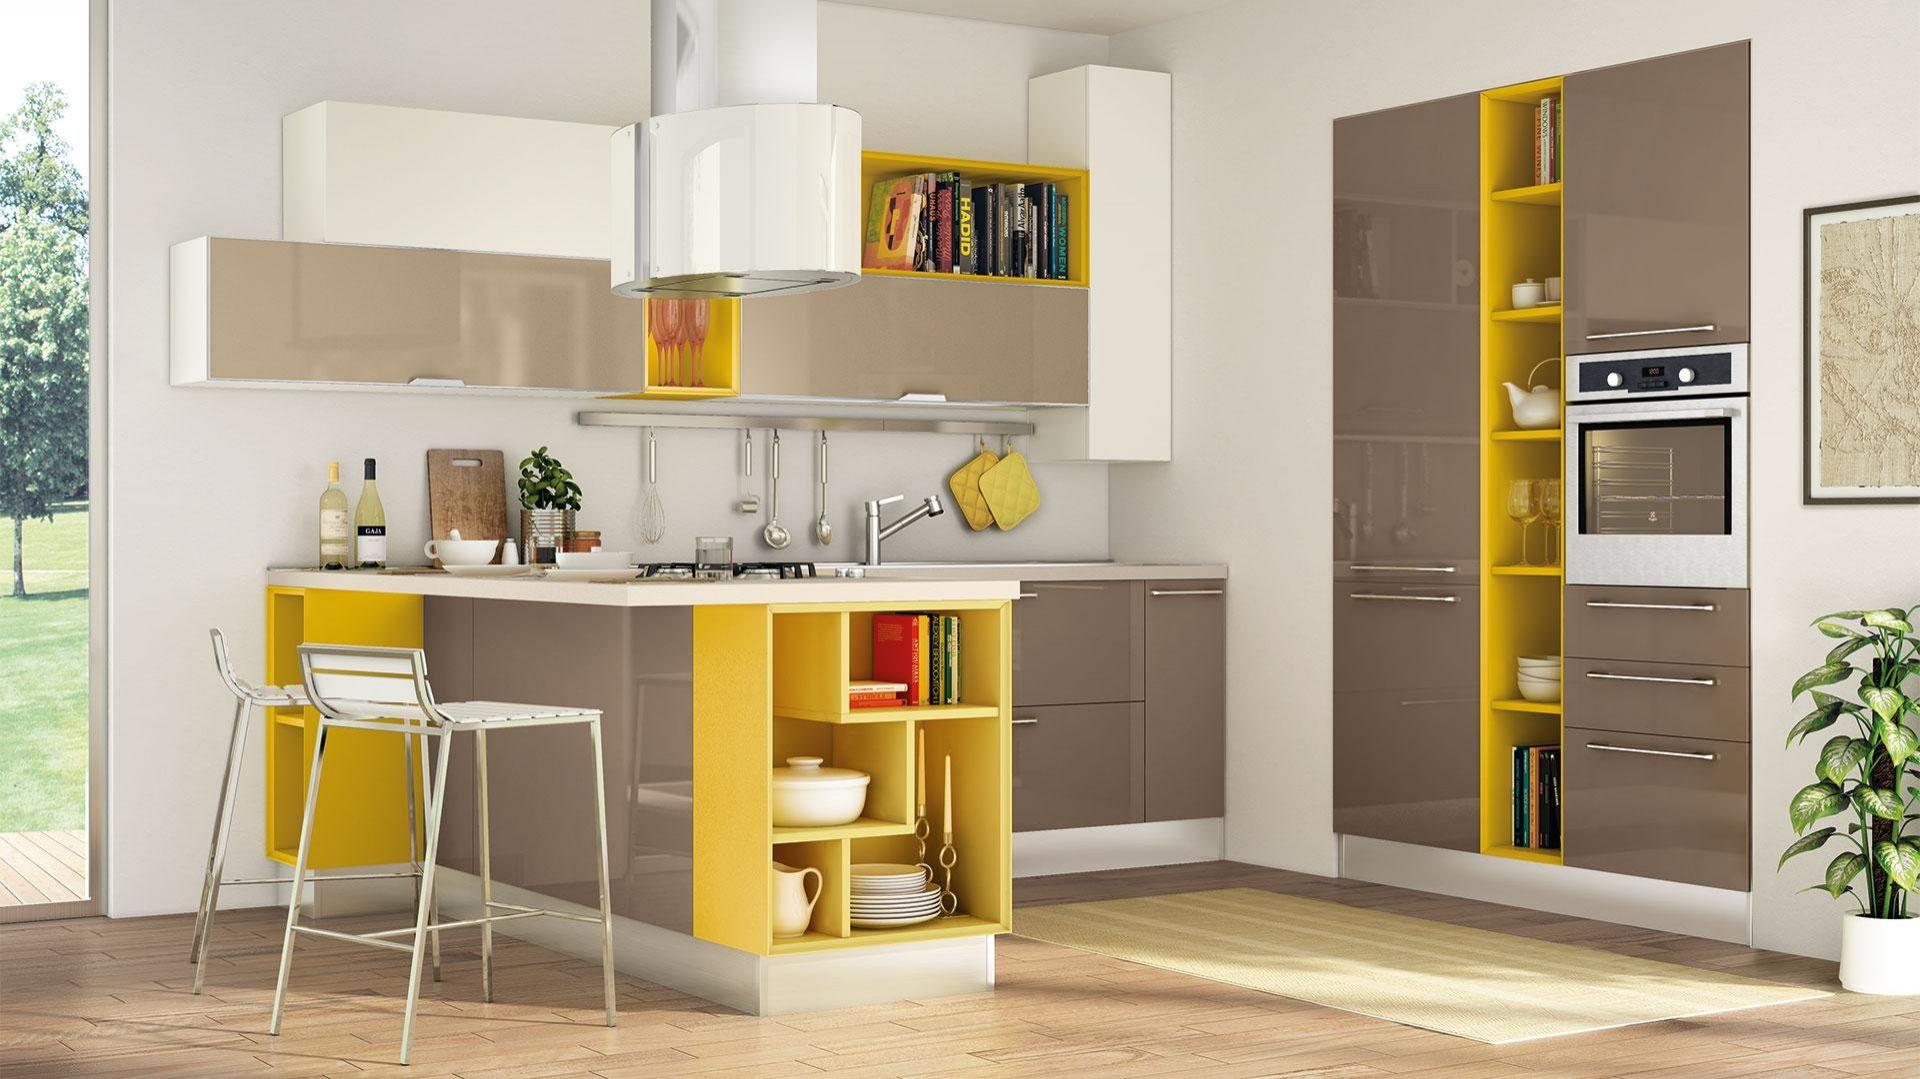 Świetnym sposobem na dodanie odrobiny koloru są otwarte kubiki w szafkach. Meble z kolekcji Noemi firmy Lube Cucine. Fot. Lube Cucine